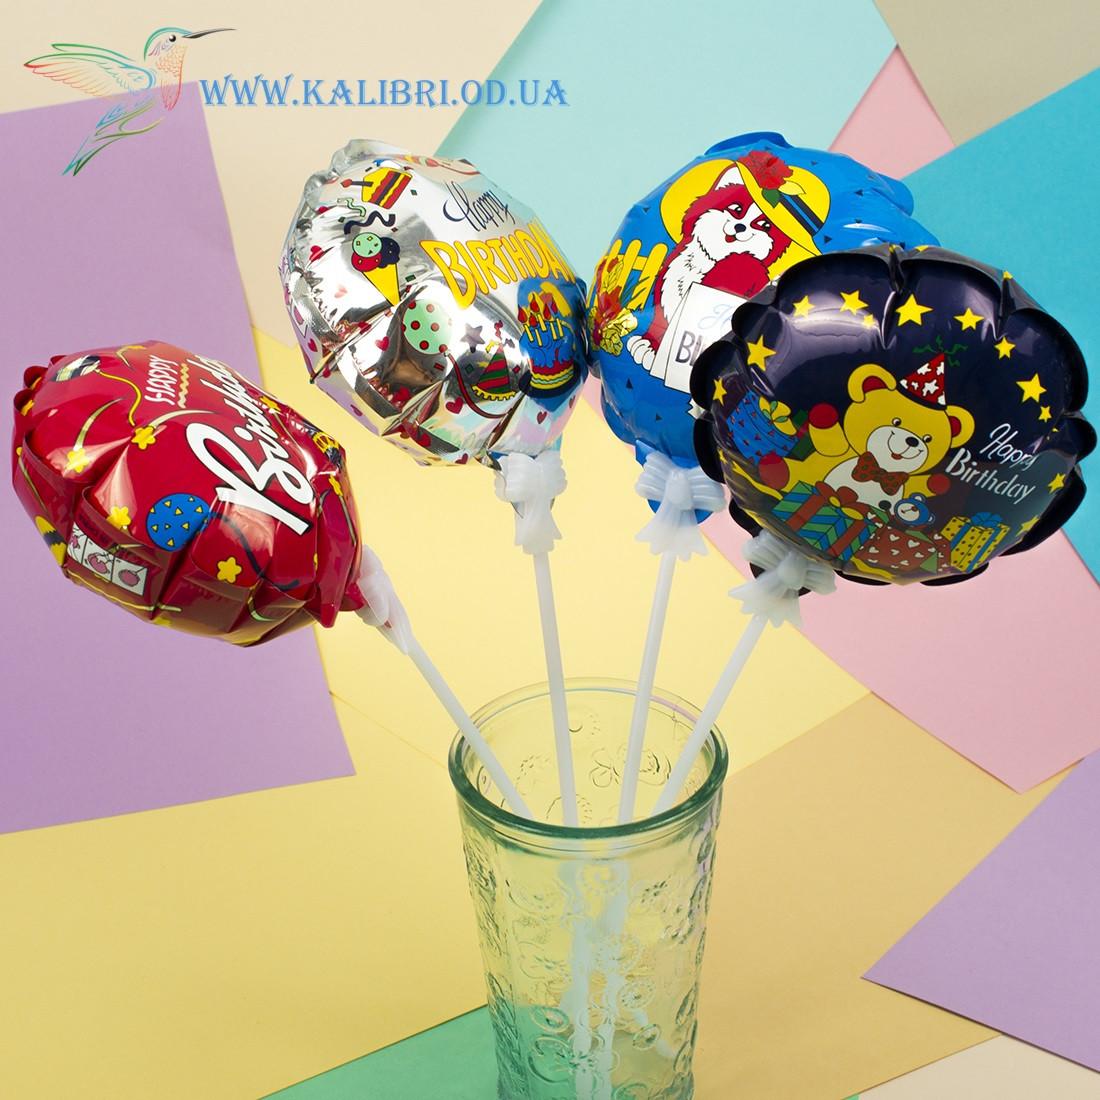 """Самонадувающийся фольгированный воздушный шарик на палочке """"С днем рождения"""" 12 штук"""